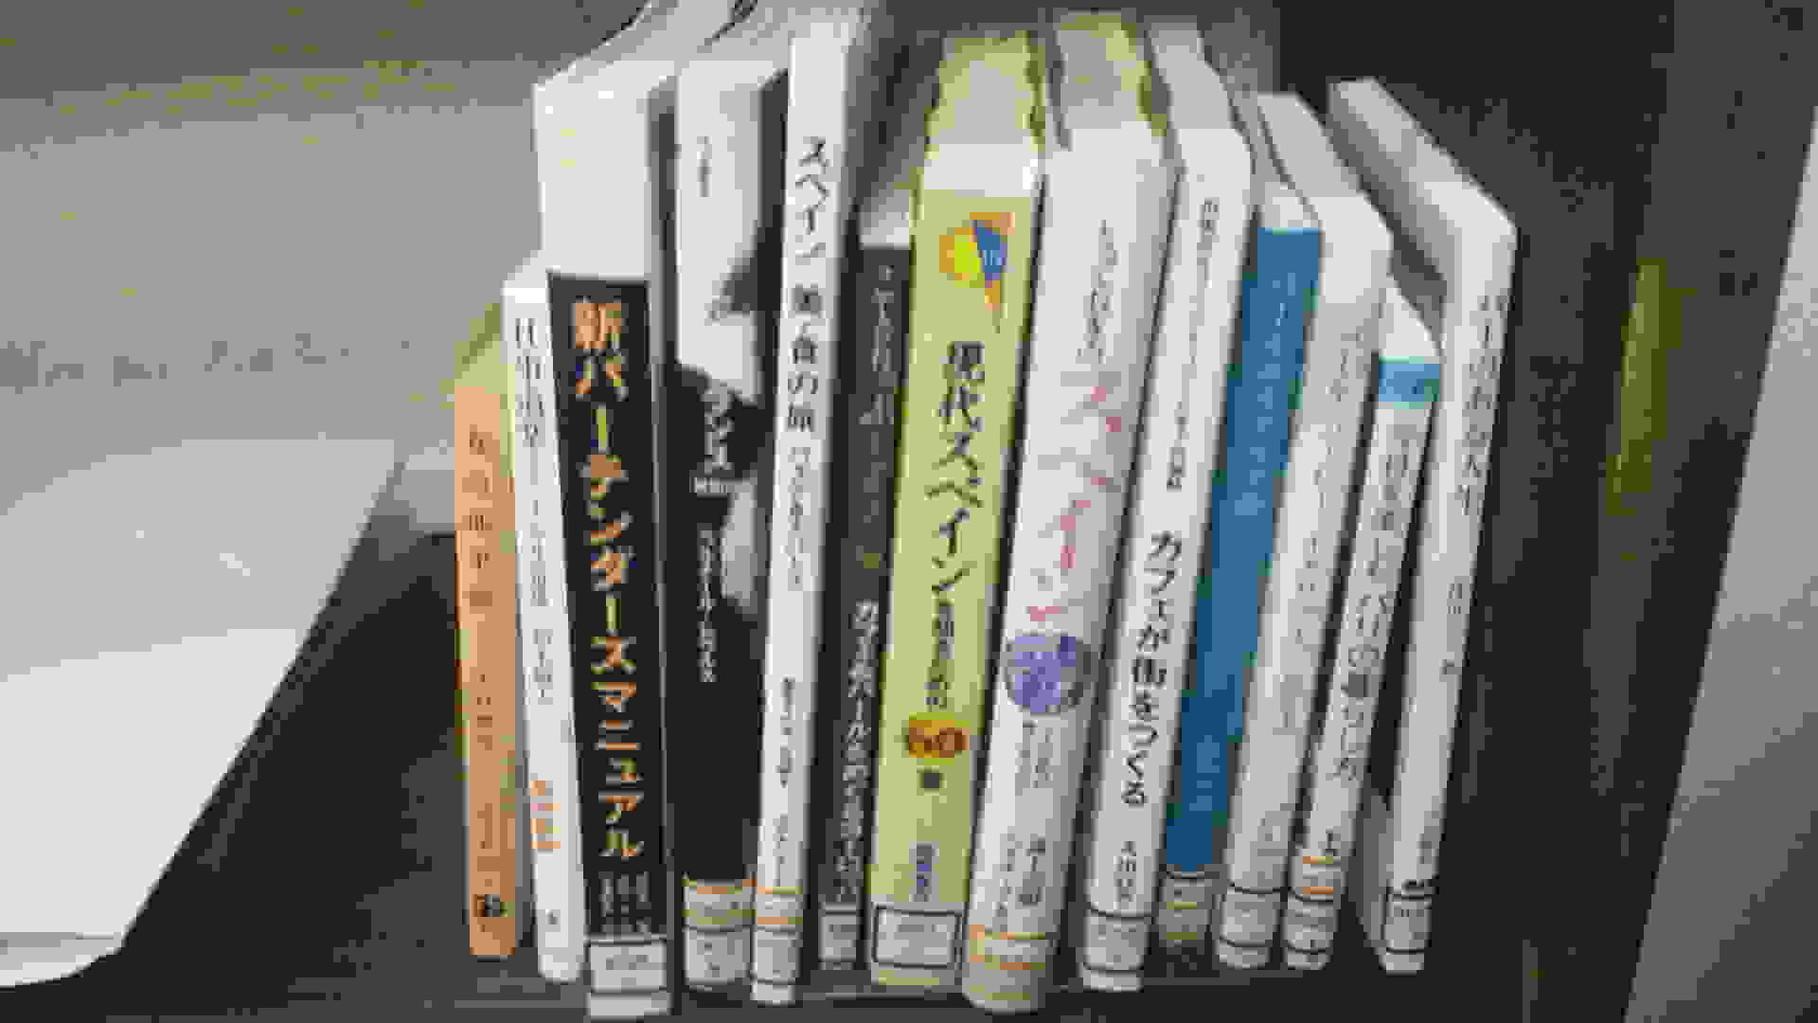 「barなのだ!」barに関する書籍を塩尻市立図書館の協力により集めました